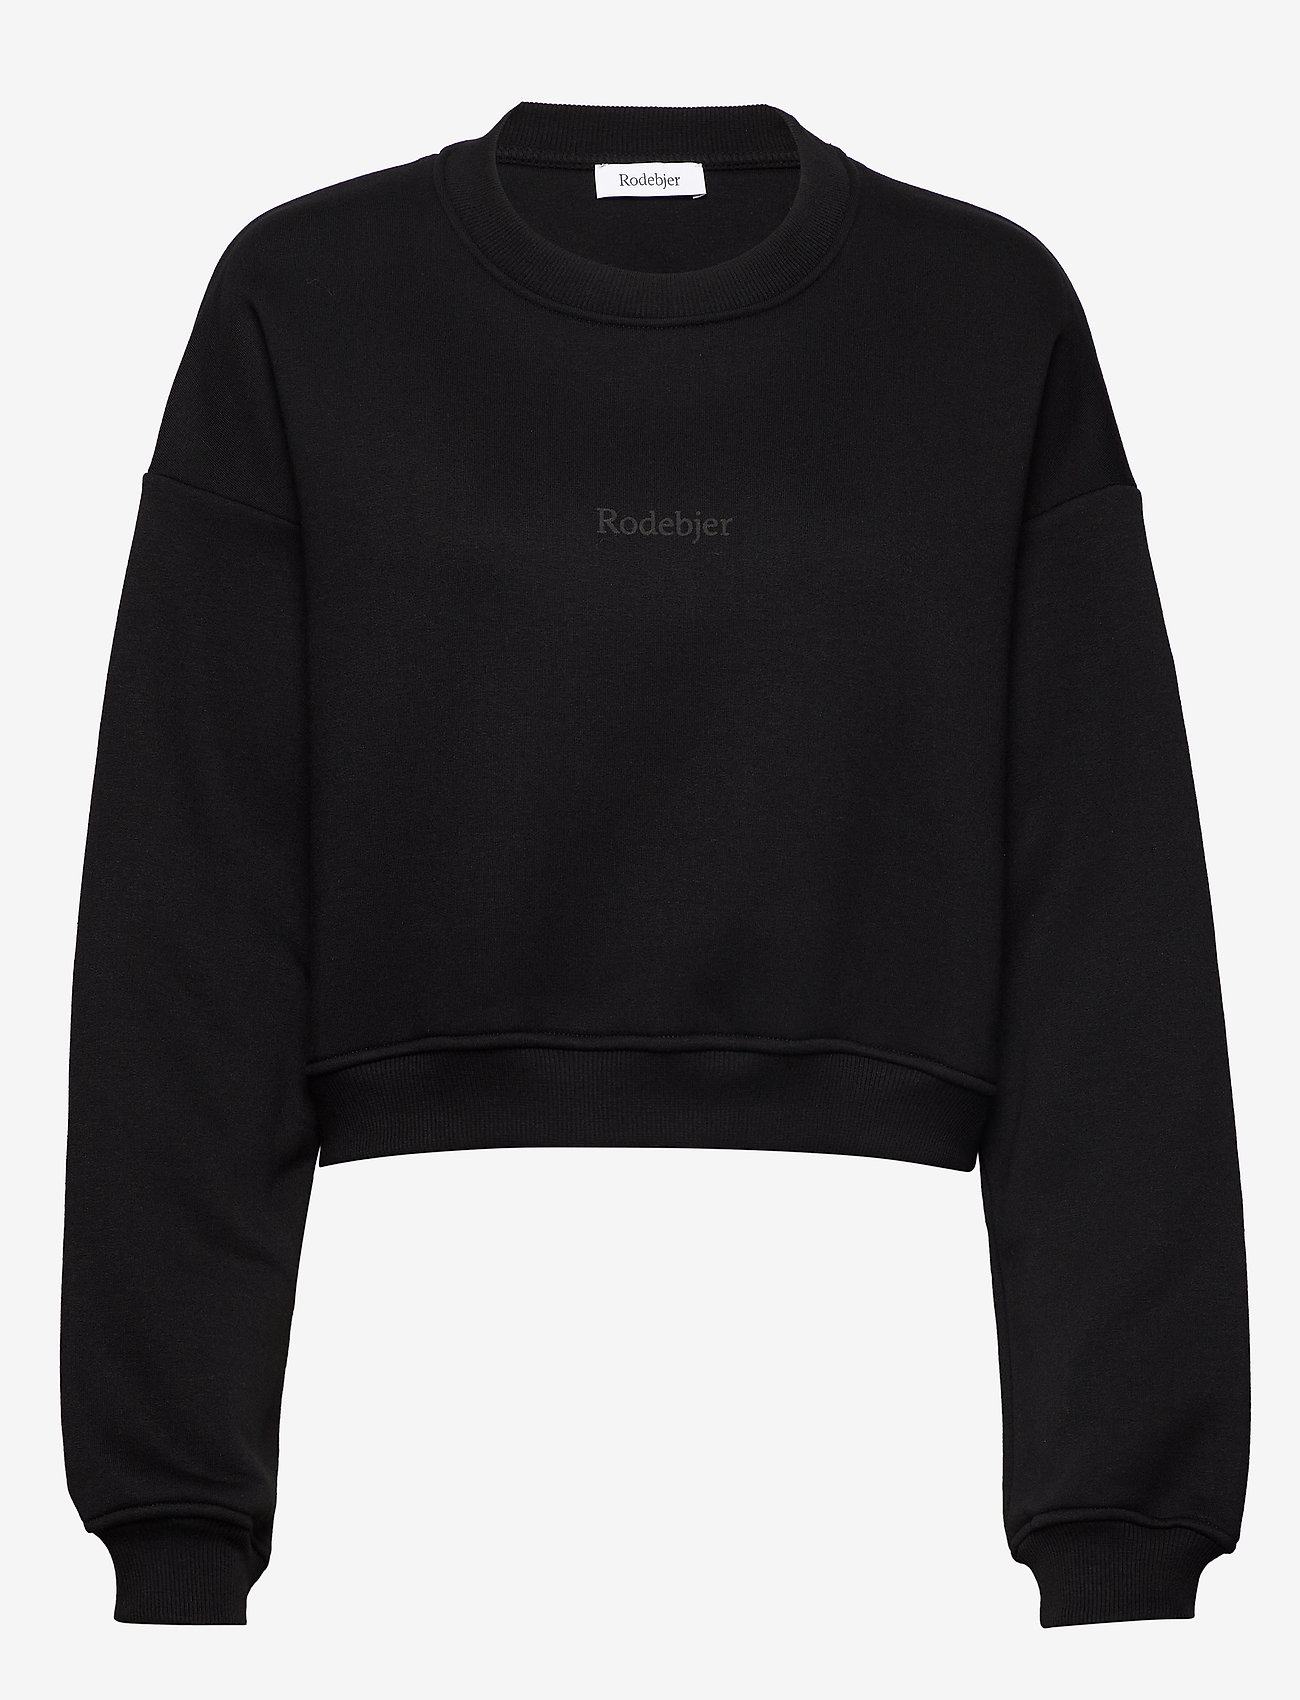 RODEBJER - RODEBJER KOLOMAN - sweatshirts & hættetrøjer - black - 0